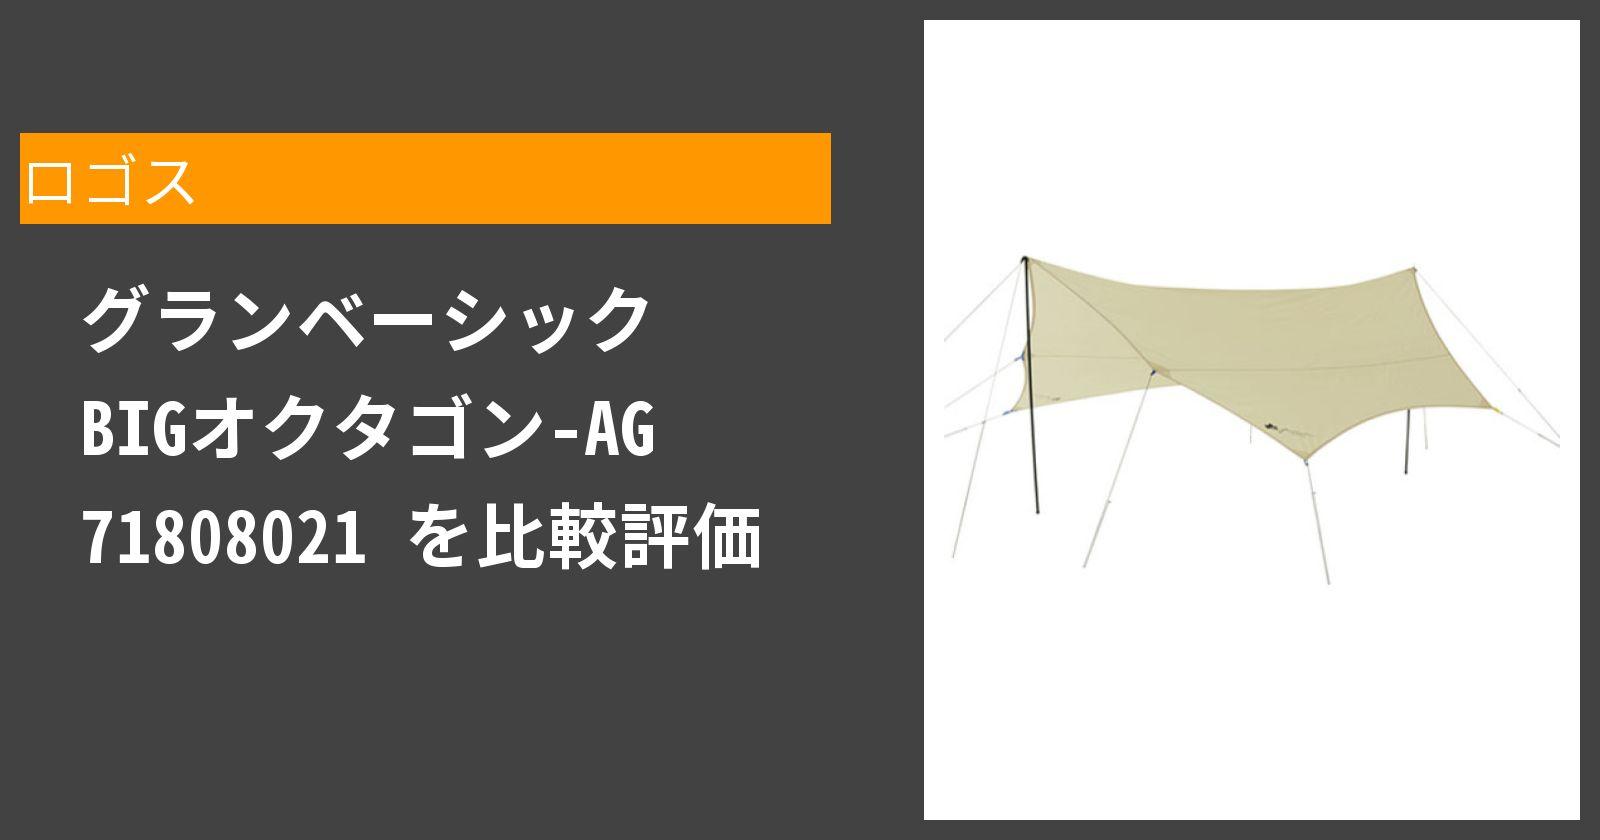 グランベーシック BIGオクタゴン-AG 71808021を徹底評価